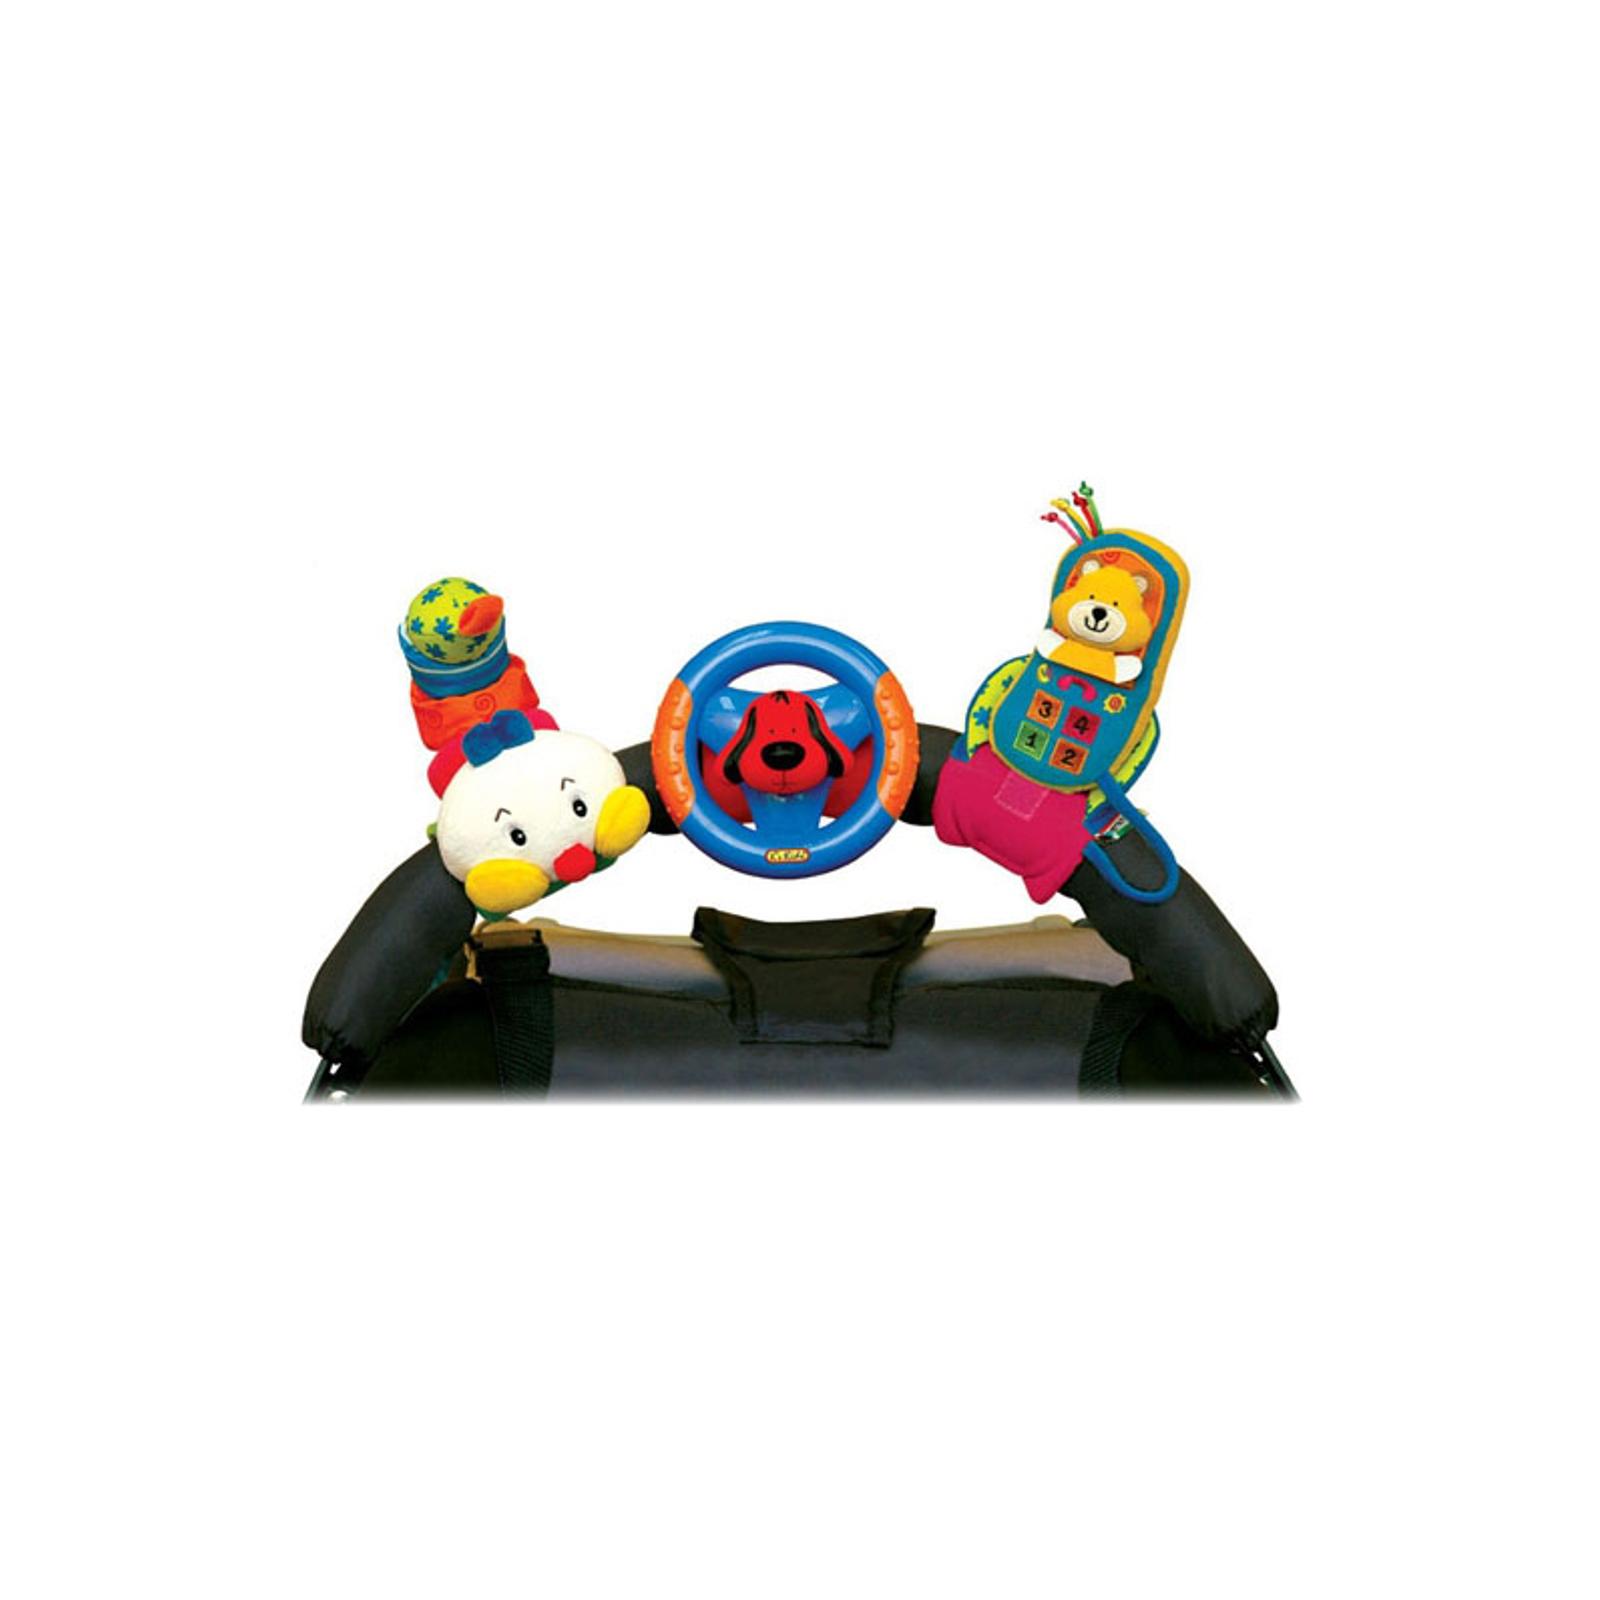 Развивающая игрушка K&amp;#039;s Kids Набор: гусеница, руль и мобильный телефон на креплении с 0 мес.<br>